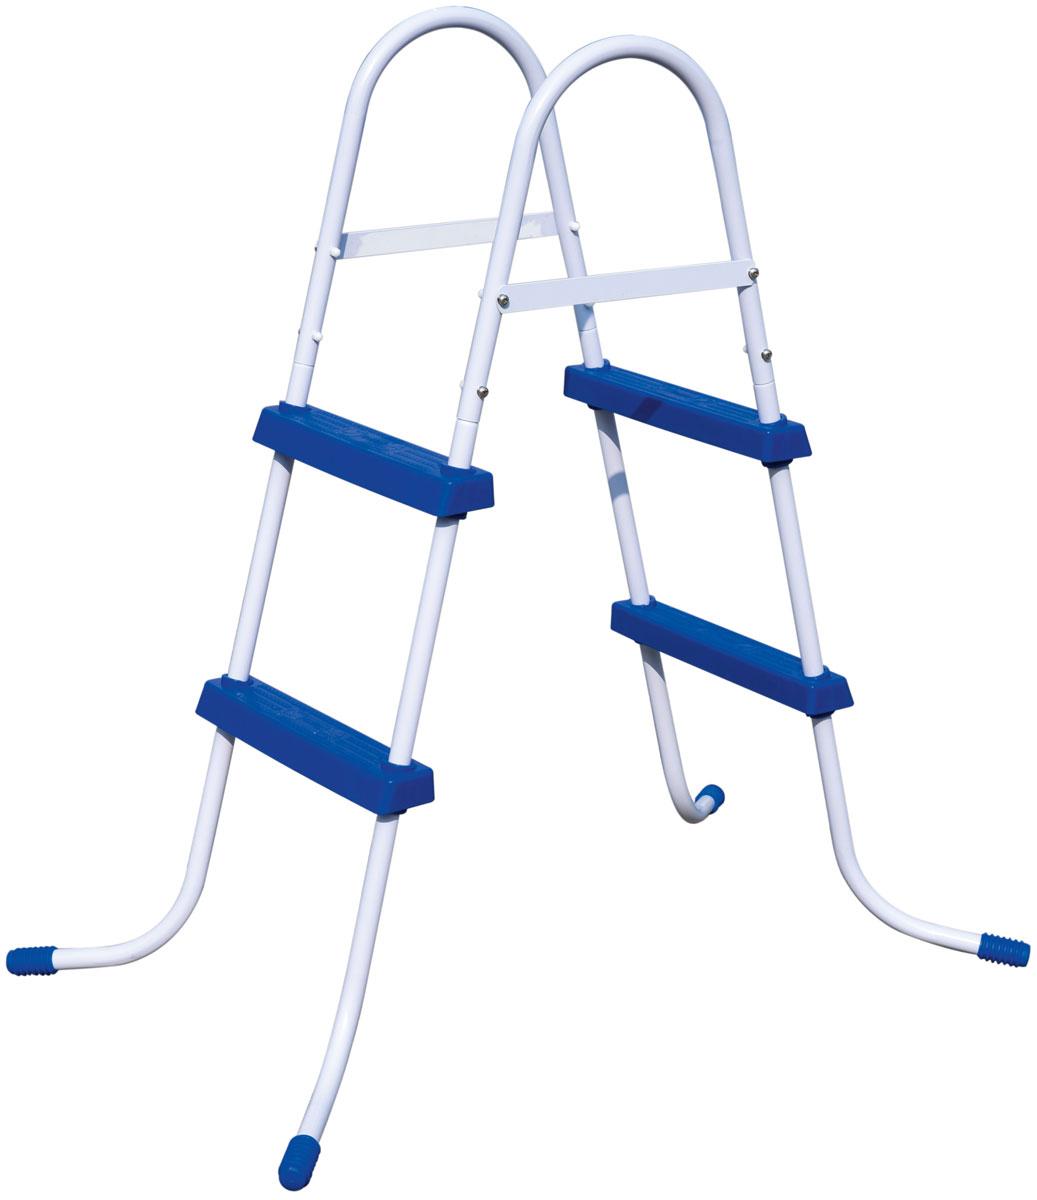 Bestway Лестница для бассейна, высота 84 см58430Лестница для бассейна Bestway выполнена из высококачественного металла, устойчивого к ржавчине. Ступеньки выполнены из прочного пластика с рельефным покрытием, предотвращающим скольжение. Лестница легко собирается, в разобранном виде не занимает много места.Размер лестницы (с учетом поручней): 112 х 66 х 116 см.Высота лестницы (без учета поручней): 84 см.